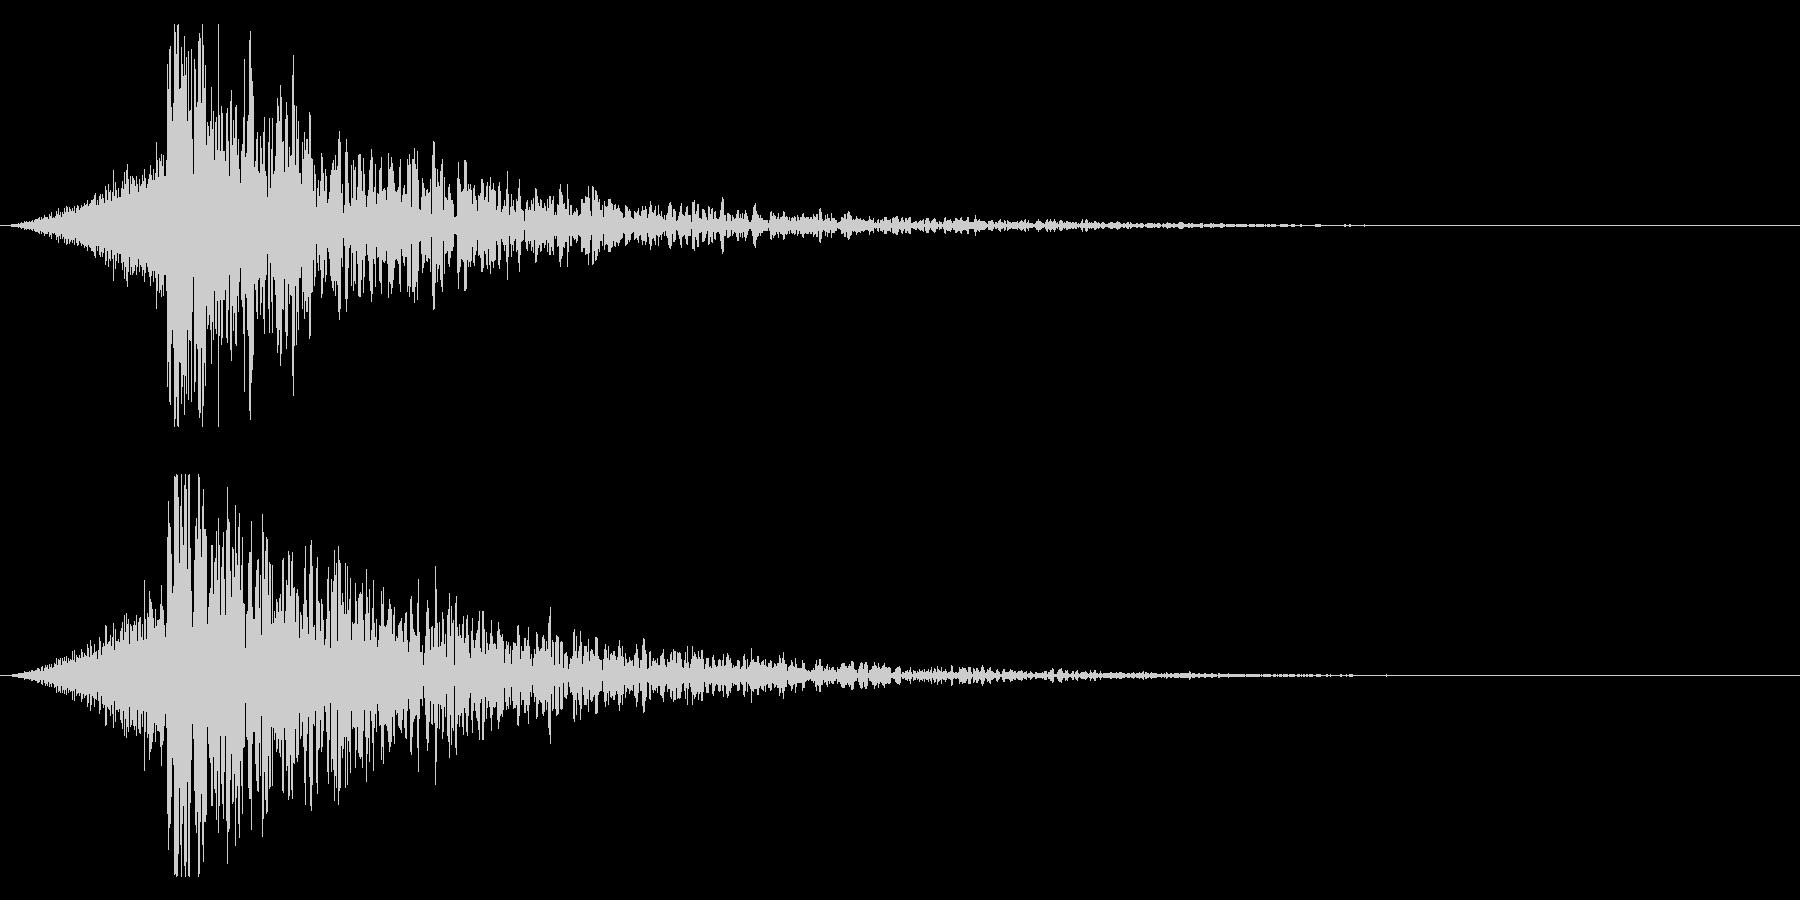 シュードーン-22-4(インパクト音)の未再生の波形